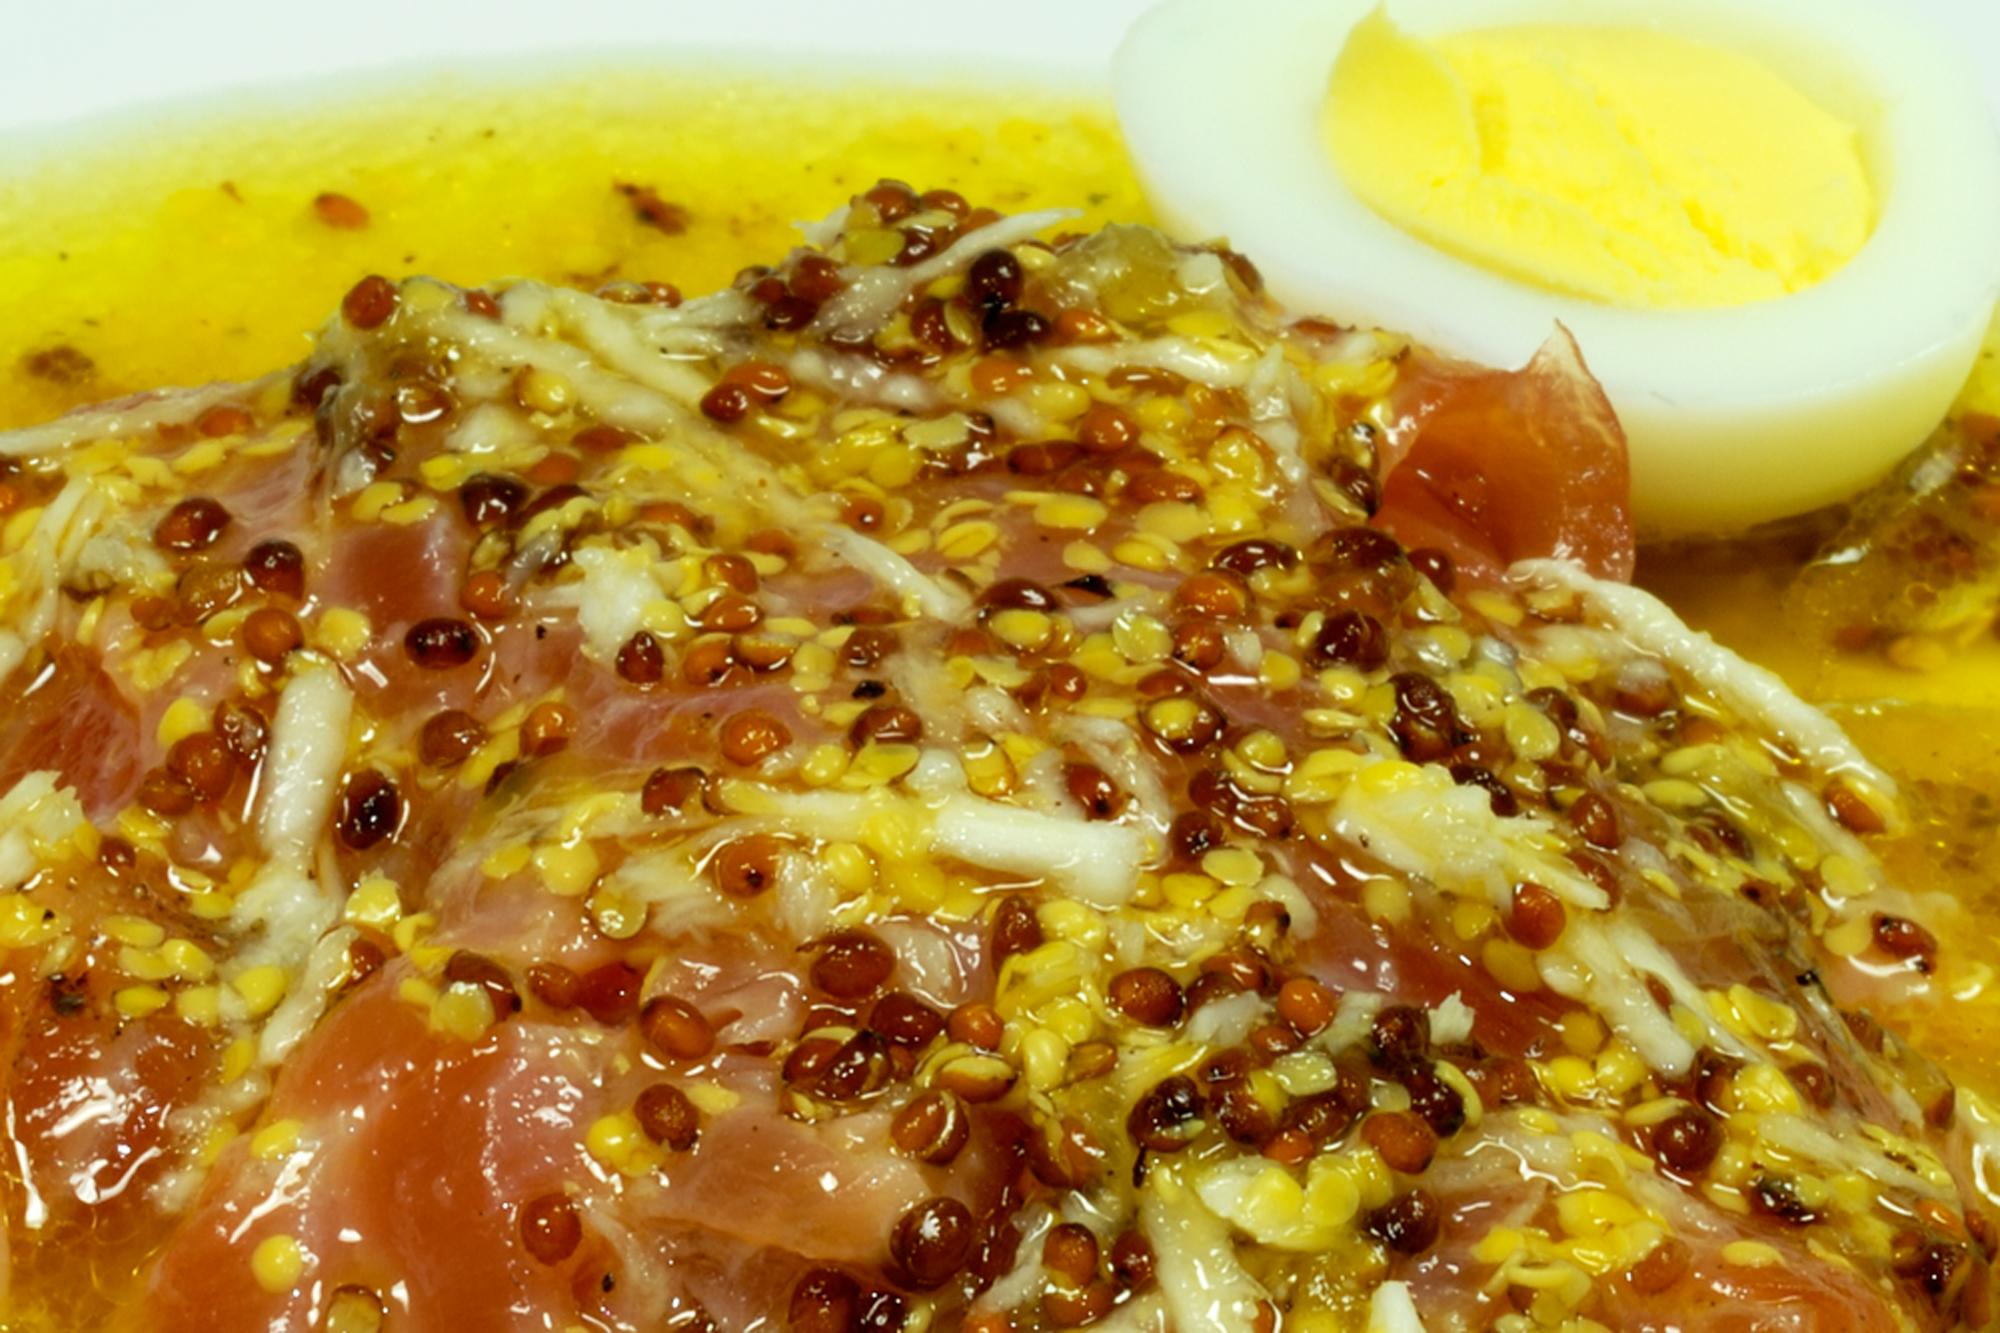 gebeiztes Lachsfilet mit Orangendressing, Ausschnitt